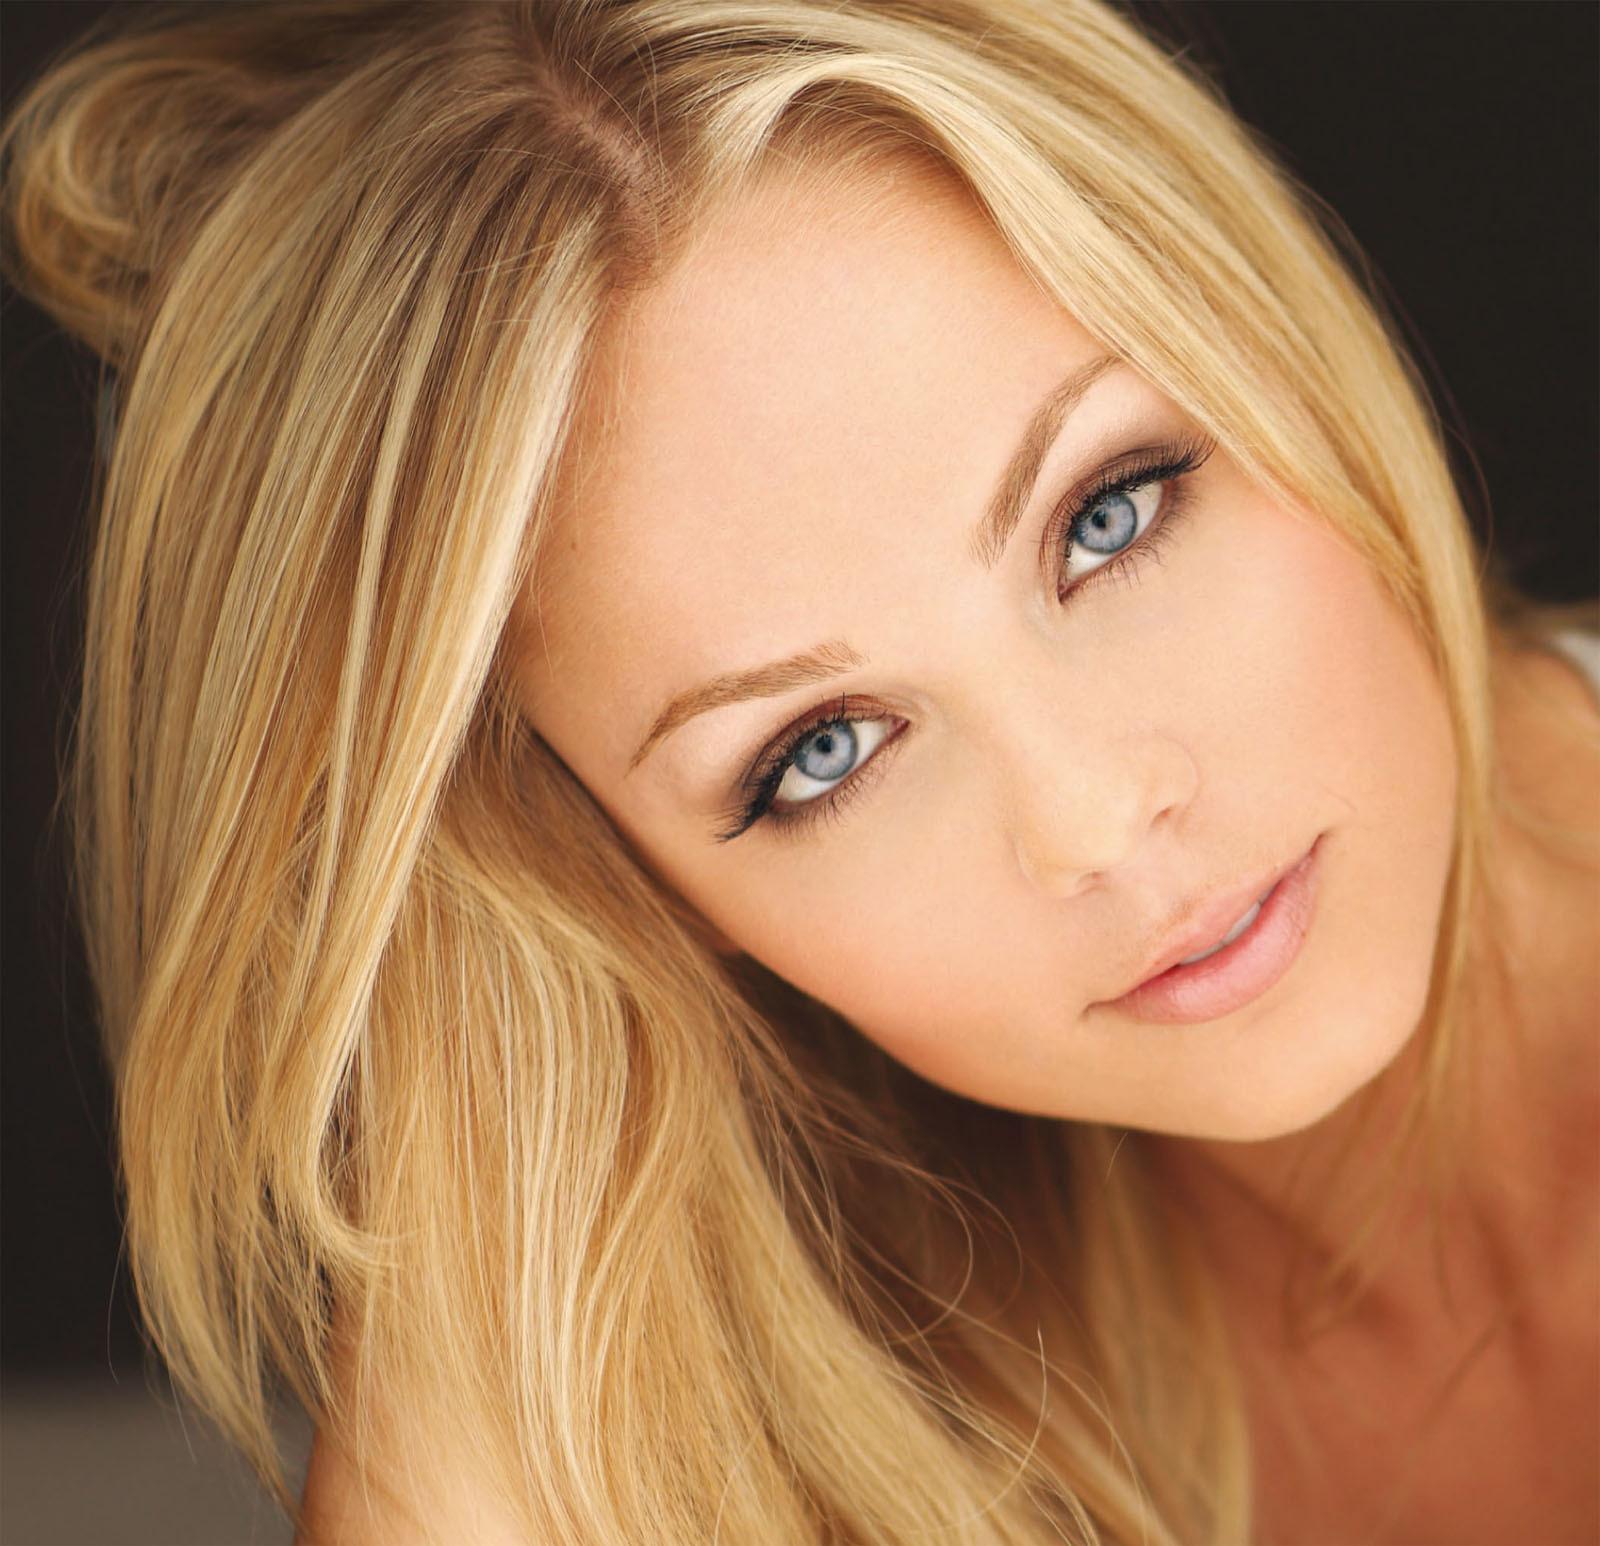 самые красивые девушки блондинки фото